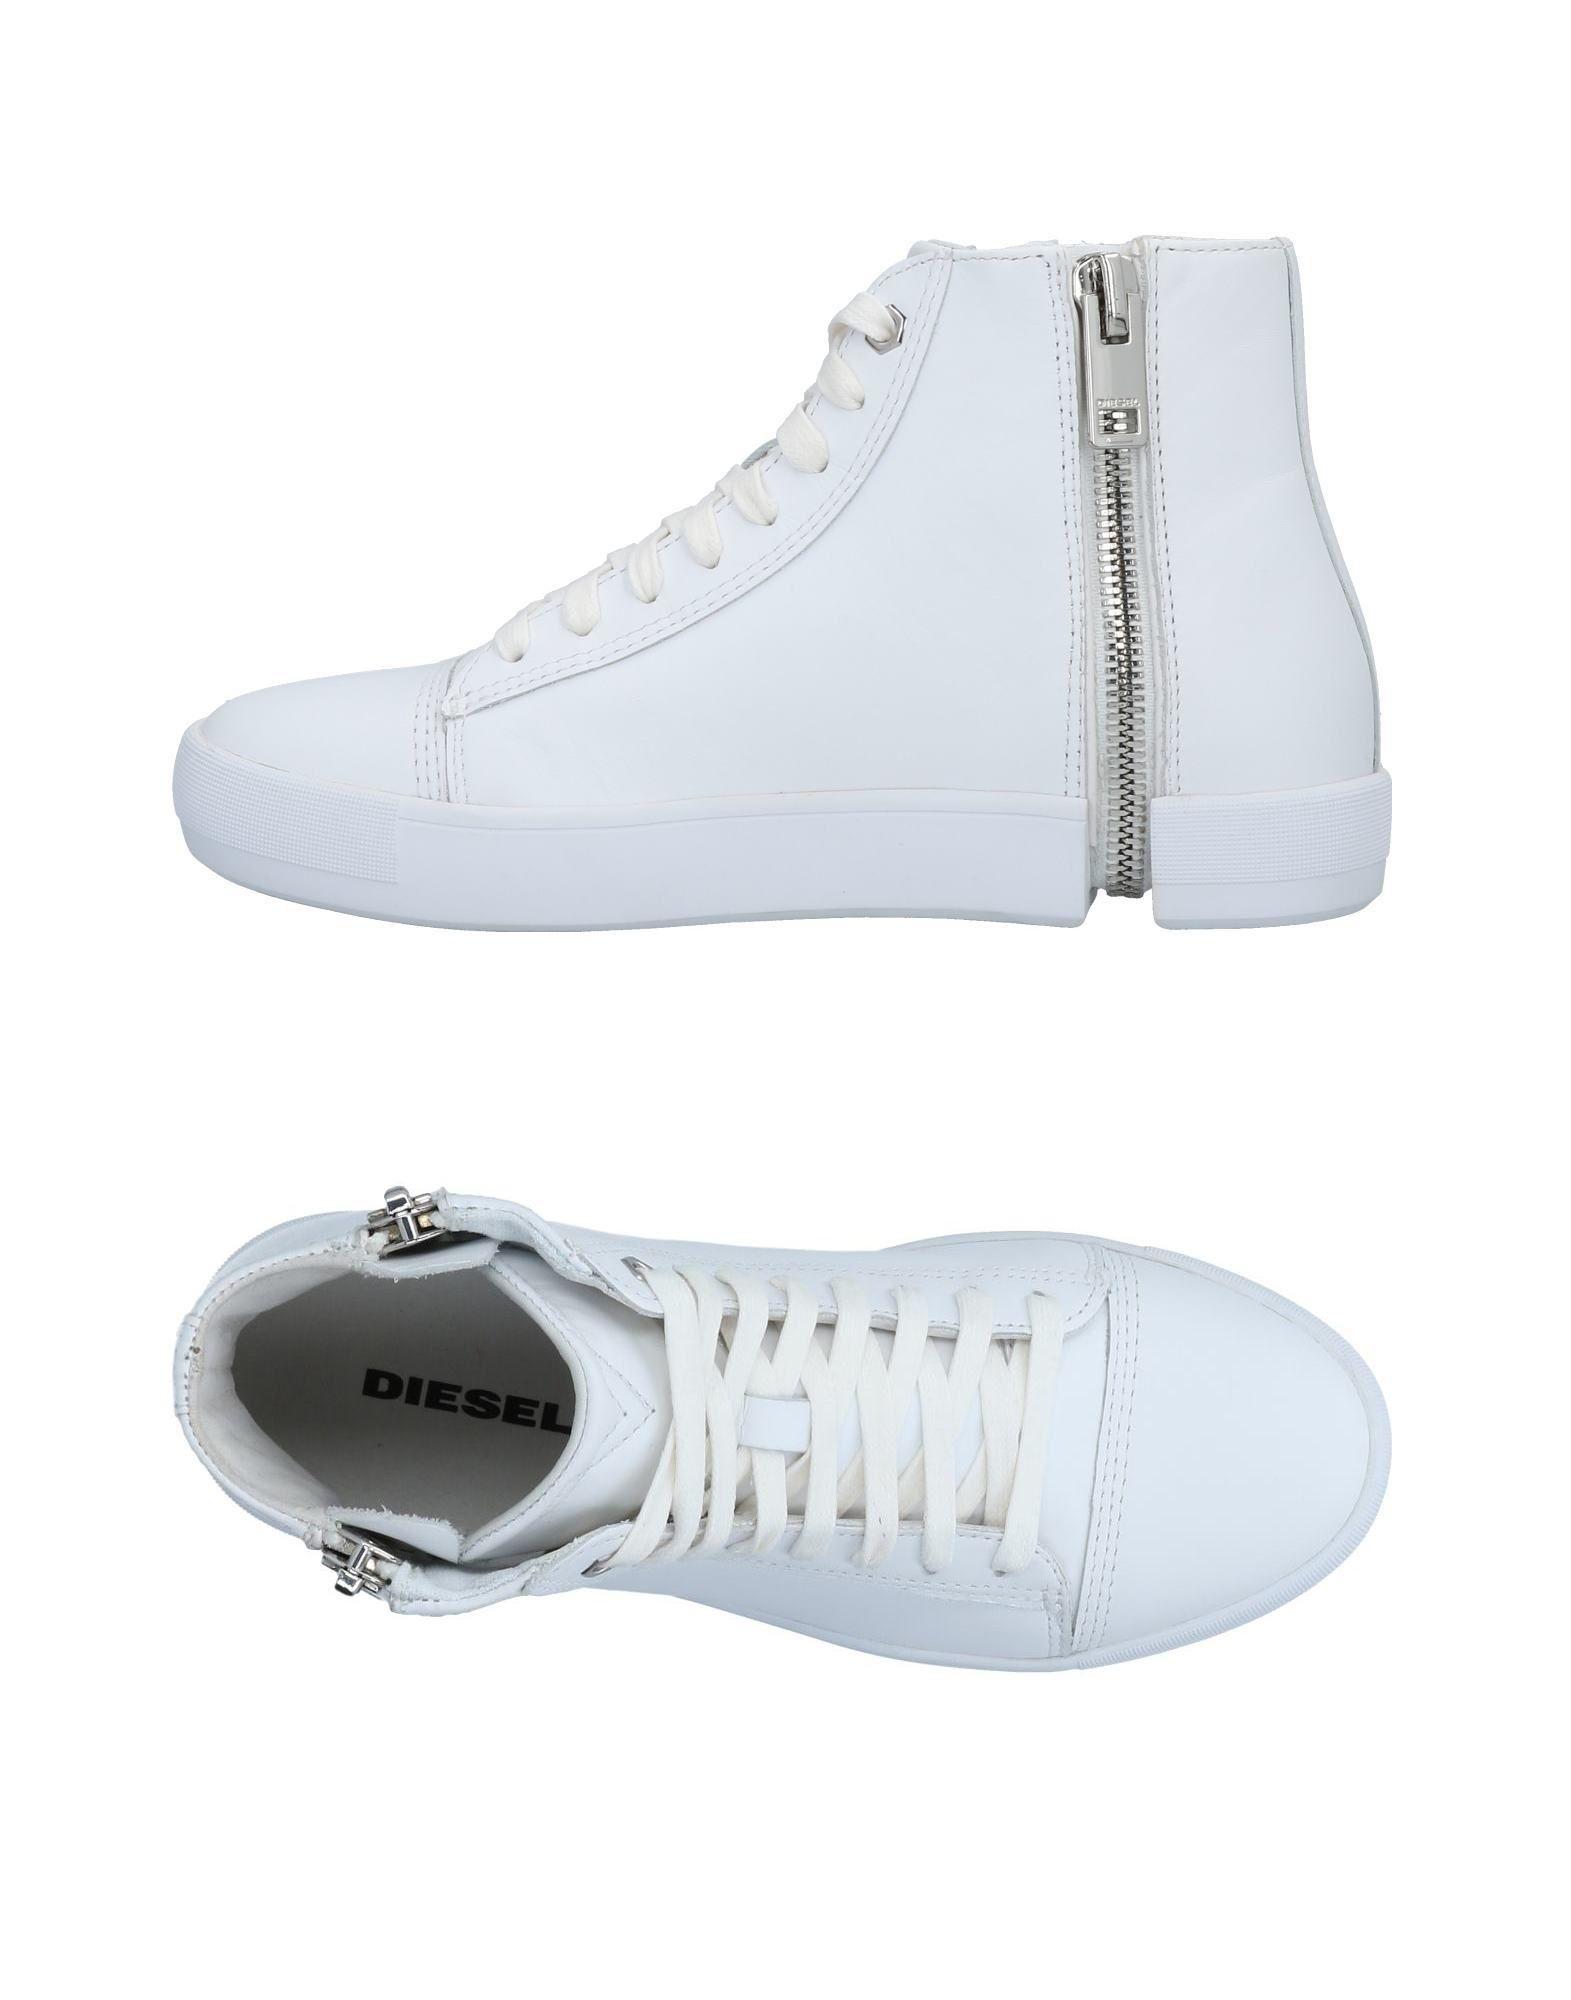 Diesel Sneakers Damen  11476601JP